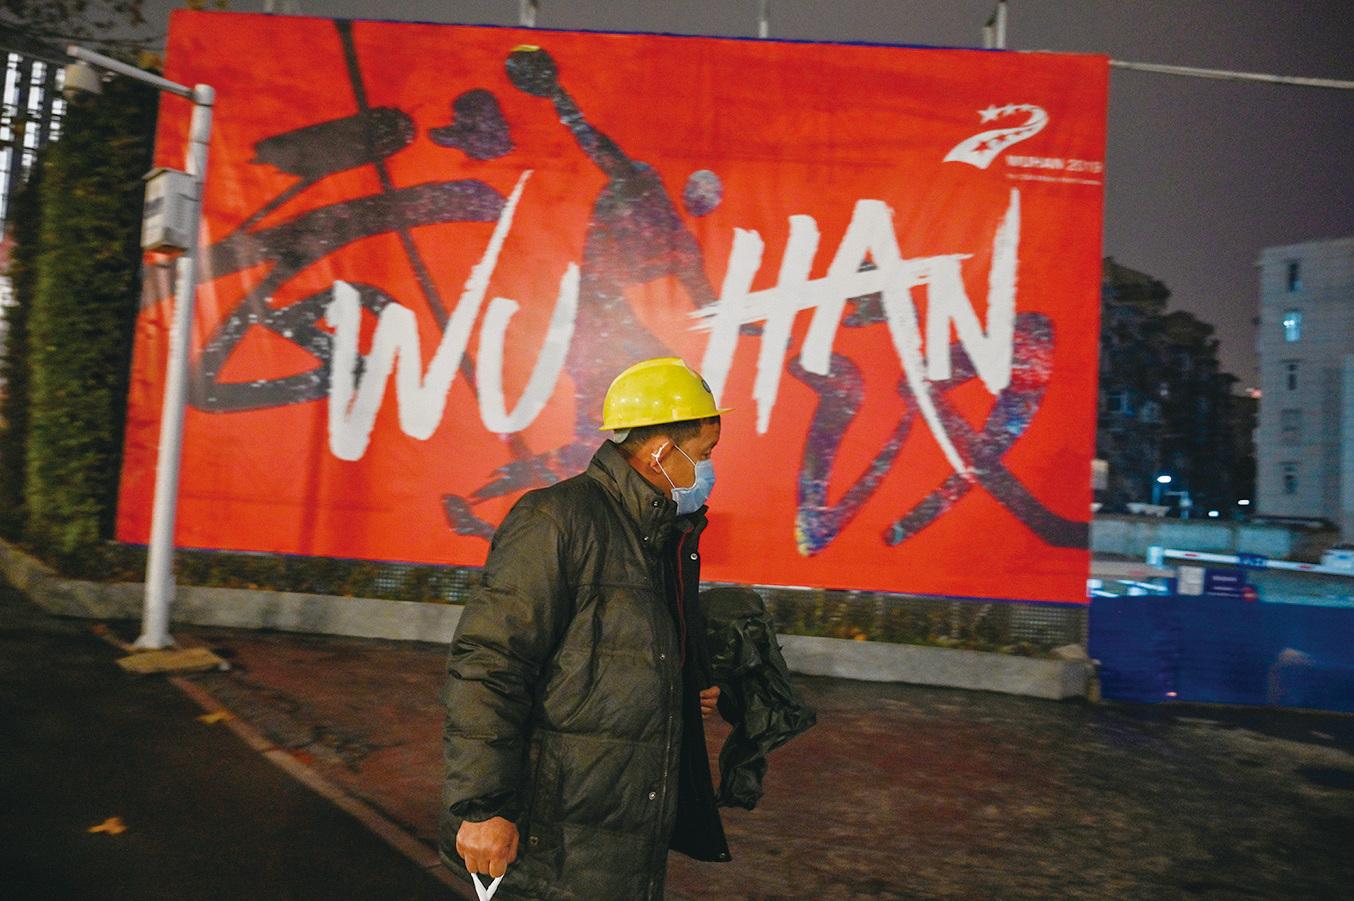 武漢疫情打擊香港經濟,在大陸港資工廠無法開工,而本港食肆未來或會大量倒閉。圖為1月26日武漢街頭。(Getty Images)